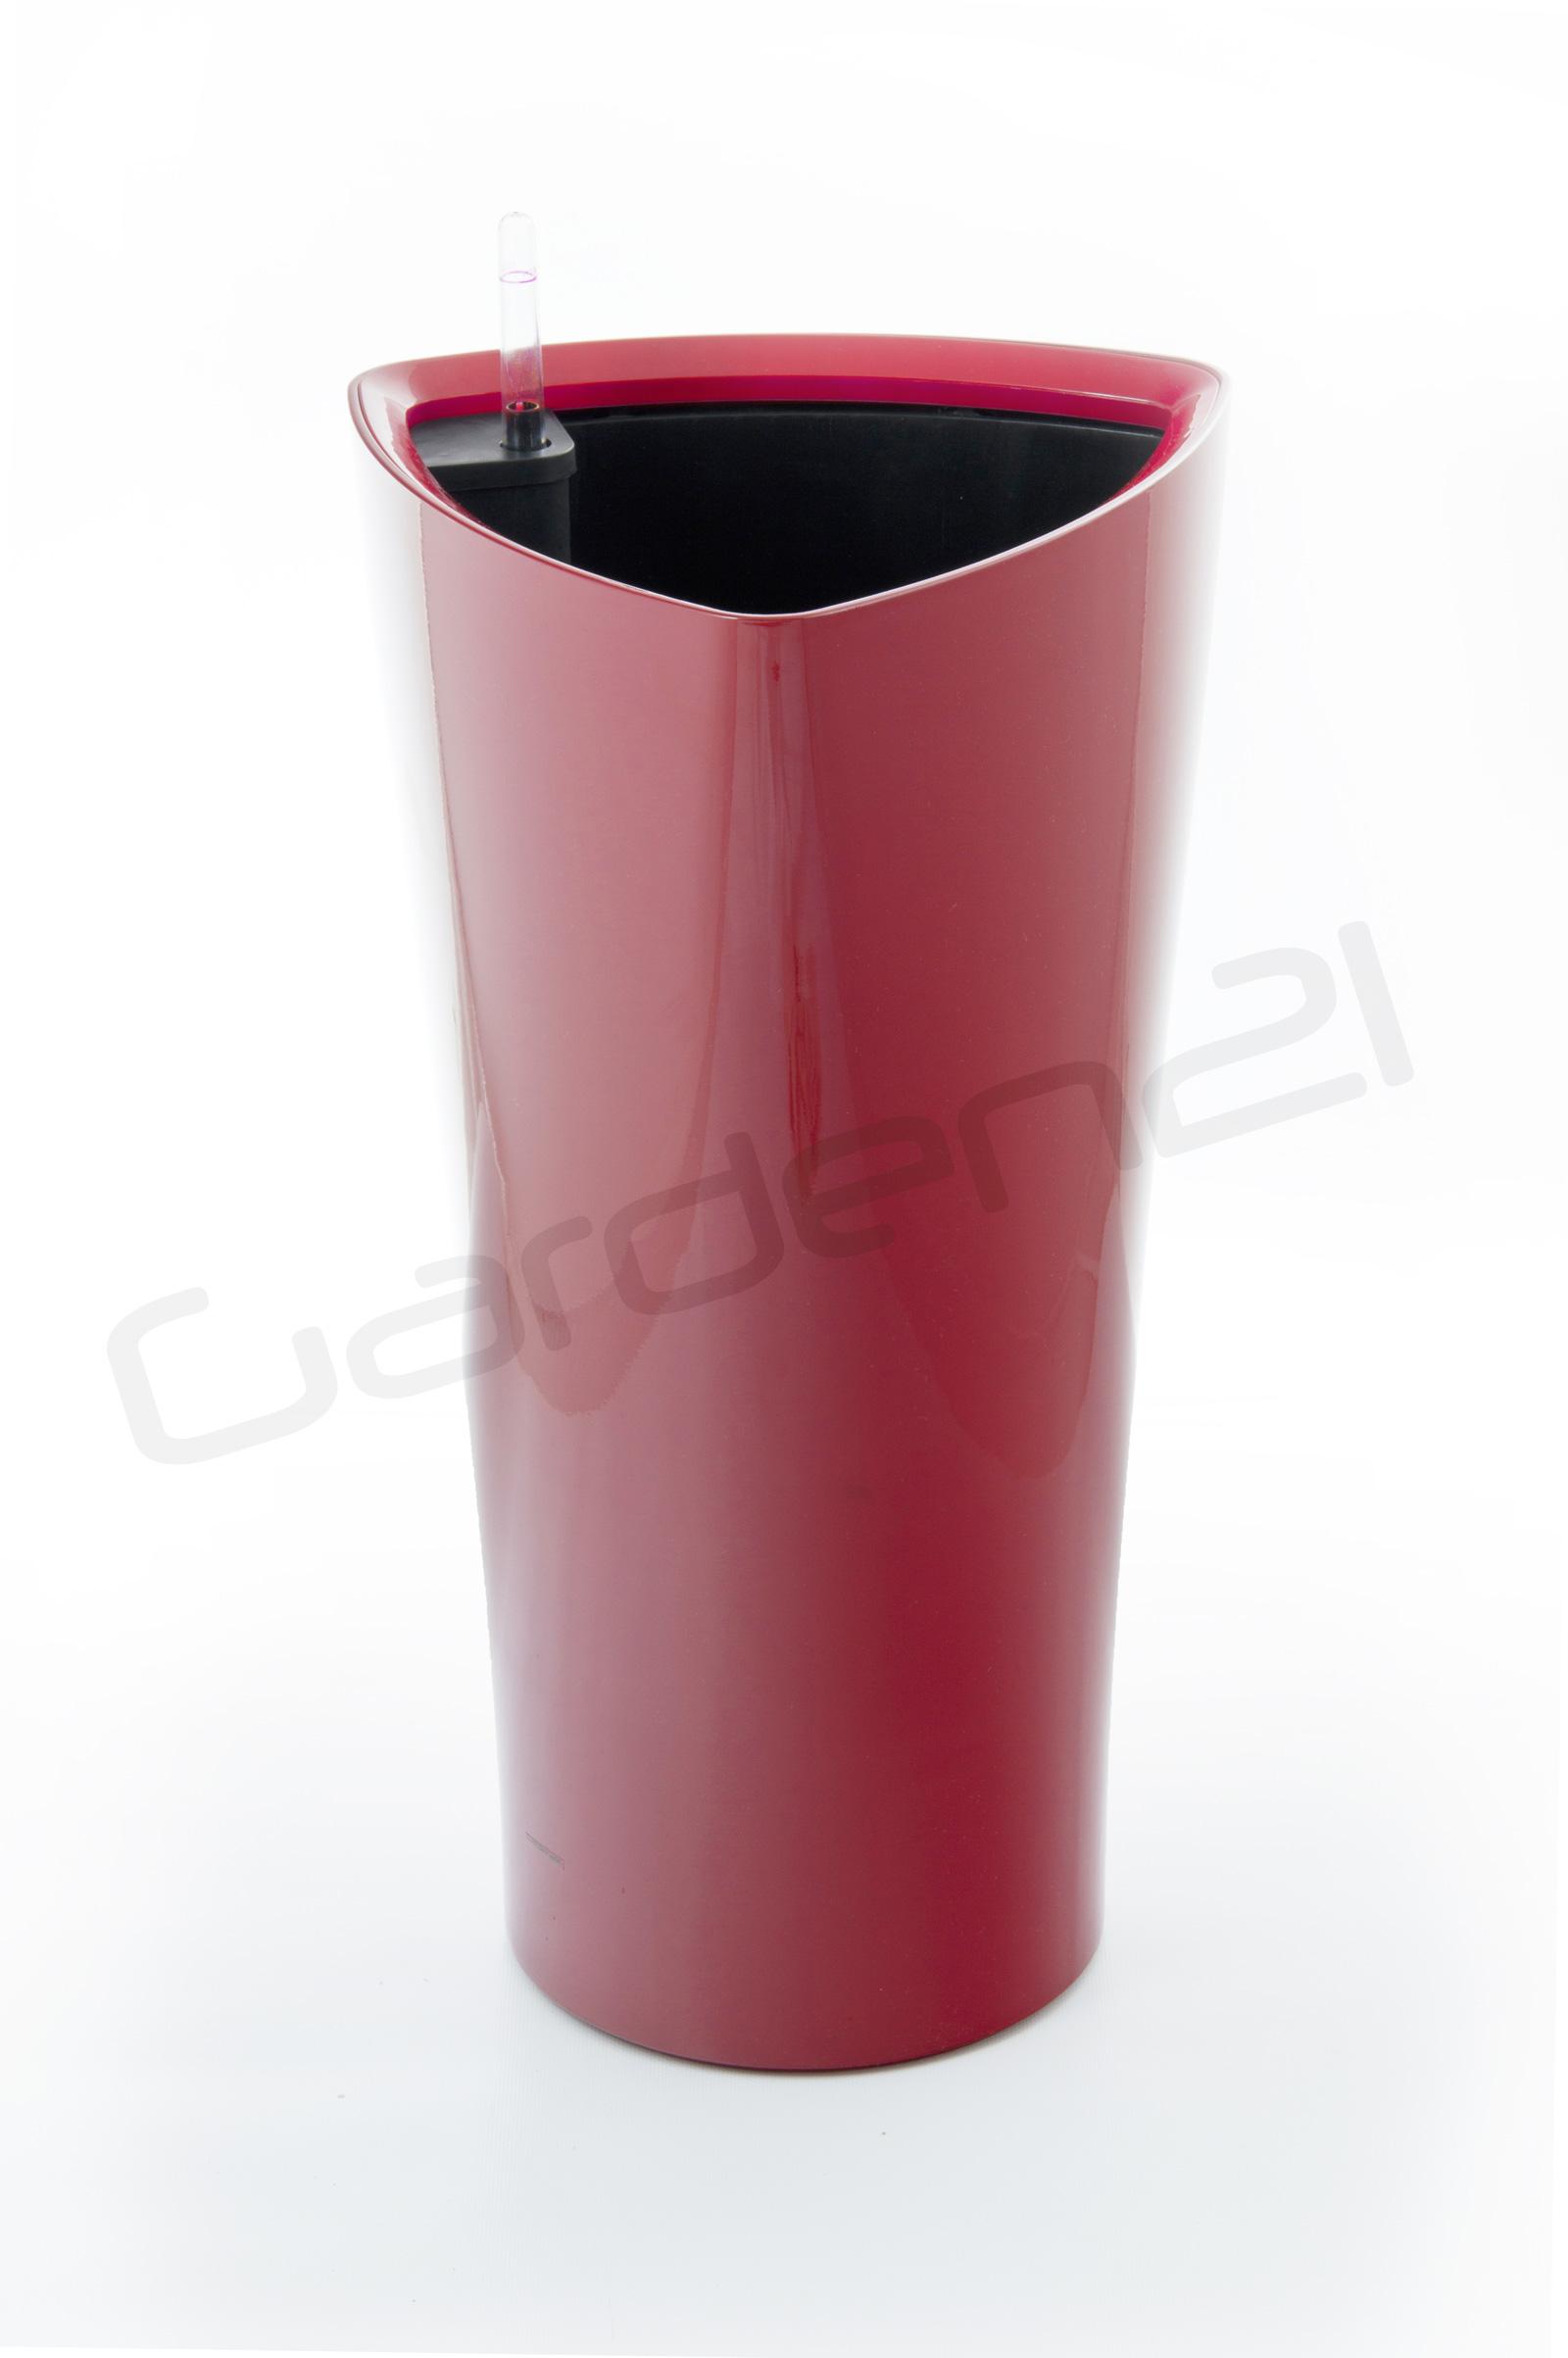 Samozavlažovací květináč G21 Trio červený 56.5cm